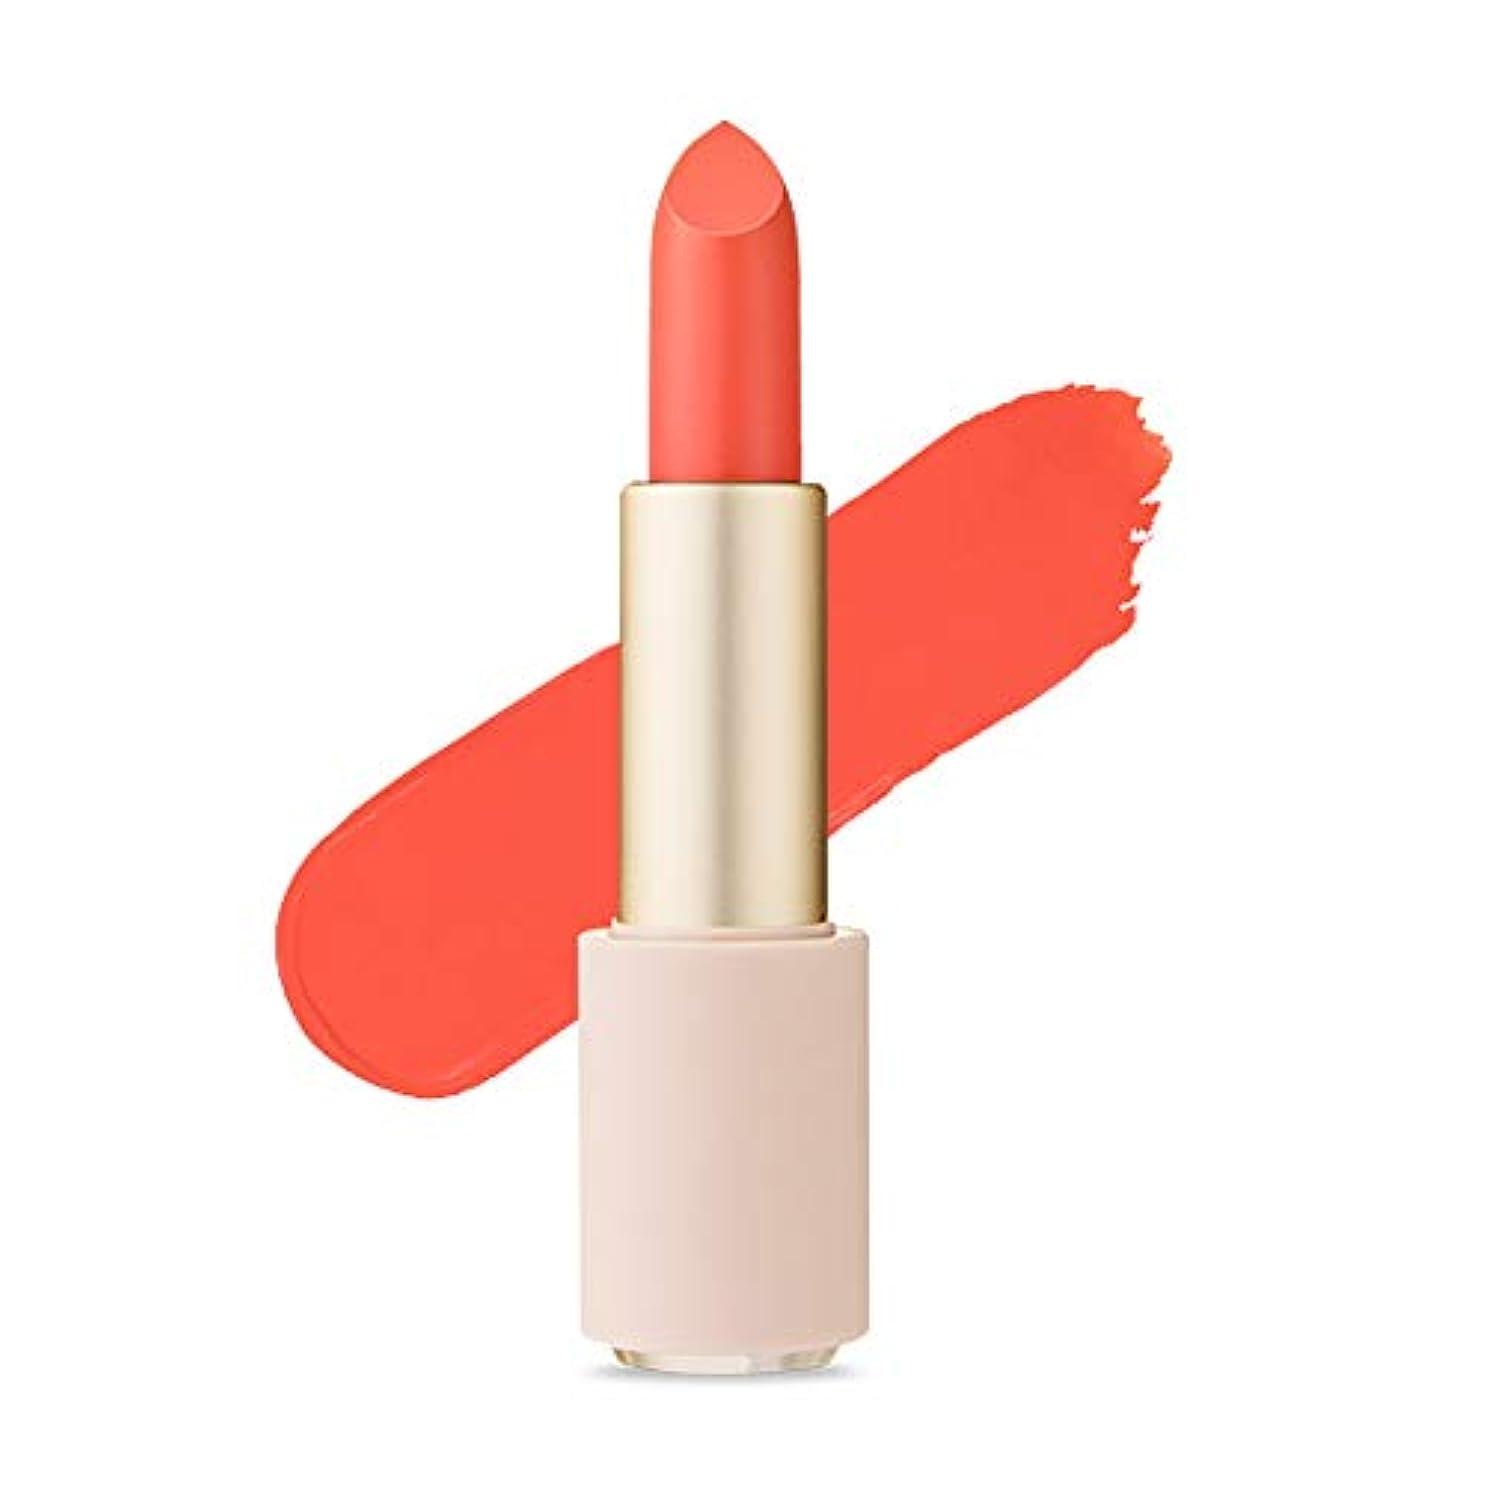 彫るバンカーミュージカルEtude House Better Lips Talk Velvet エチュードハウス ベター リップス - トーク ベルベット (# OR202 Mandarin Peach) [並行輸入品]